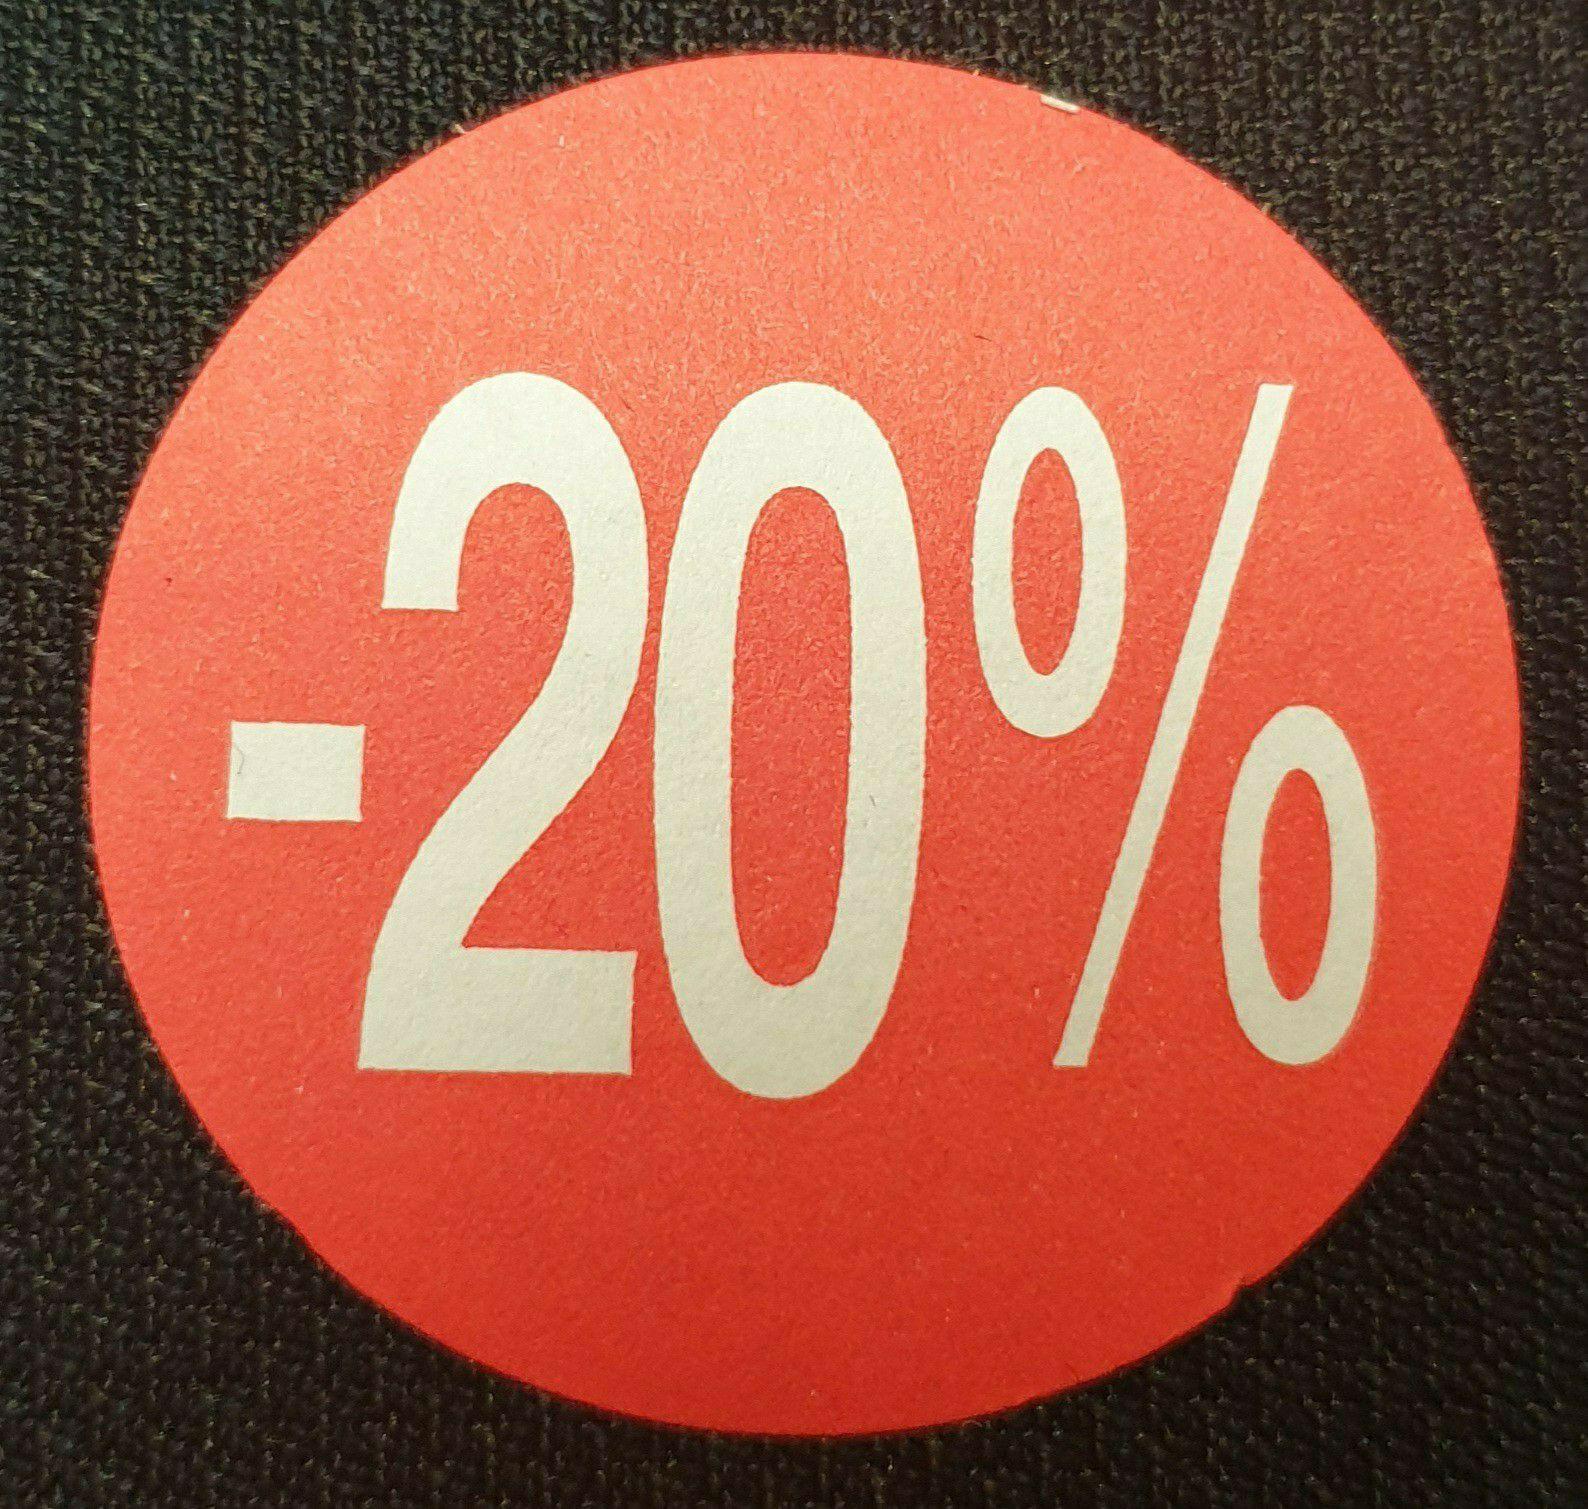 Minden termékre 20% kedvezmény!